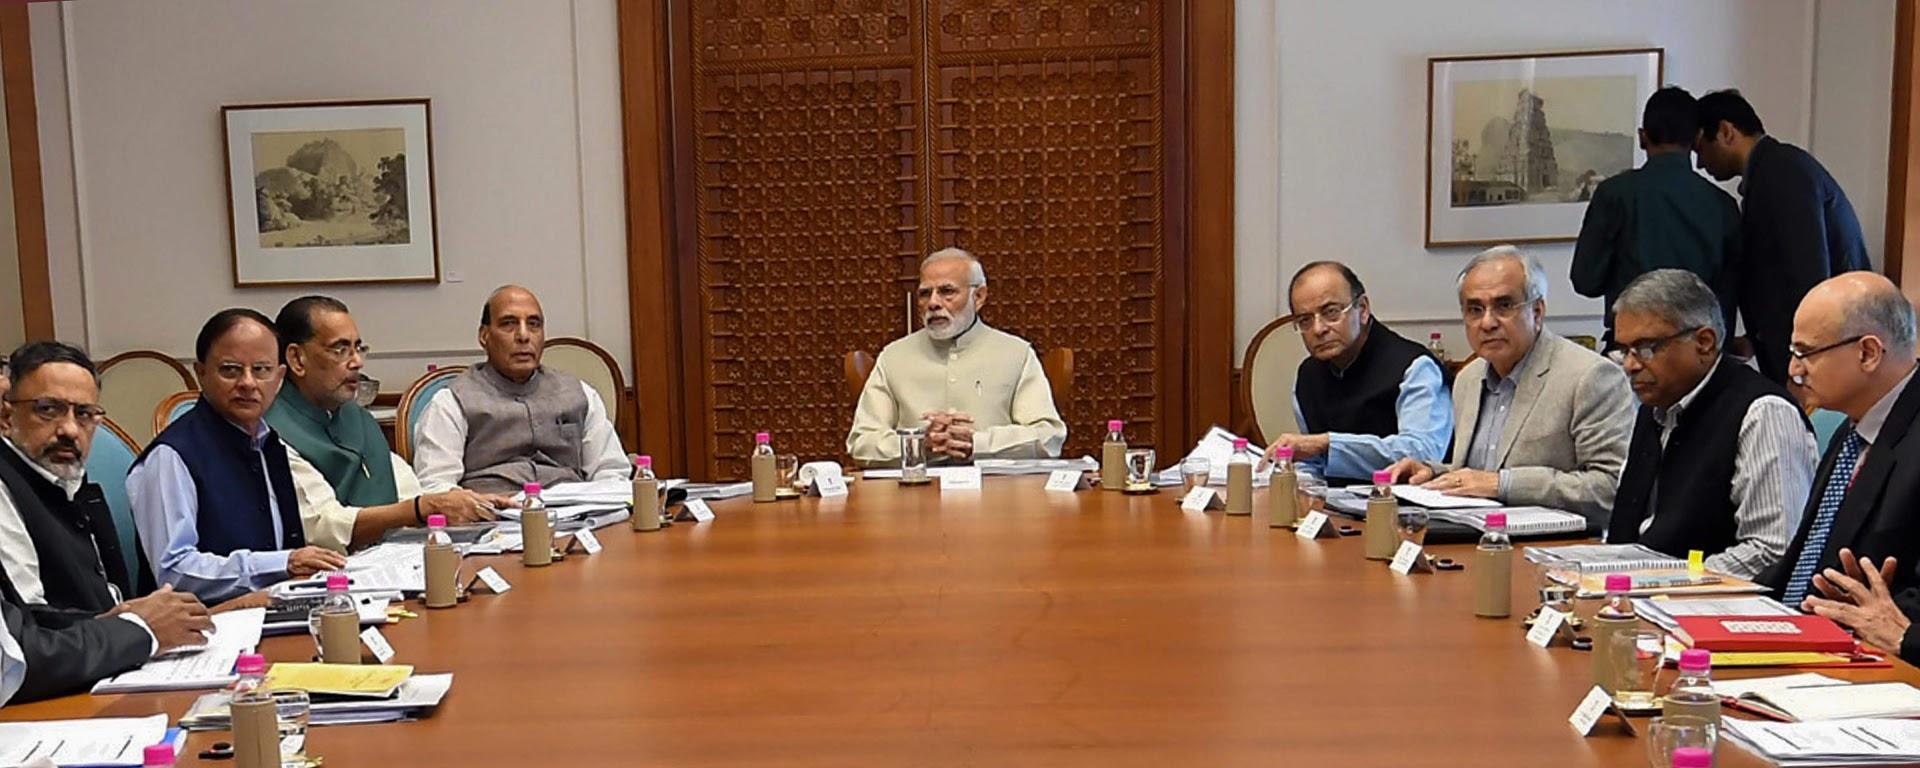 या चर्चेत पंतप्रधानांचे अत्यंत विश्वासू सहकारी सहभागी होते. त्याचबरोबर पंतप्रधान कार्यालयातले काही खास अधिकाऱ्यांसोबतही पंतप्रधान सरकारची प्रतिमा कशी आणखी उजळवता येईल यावरही विचार करत होते.